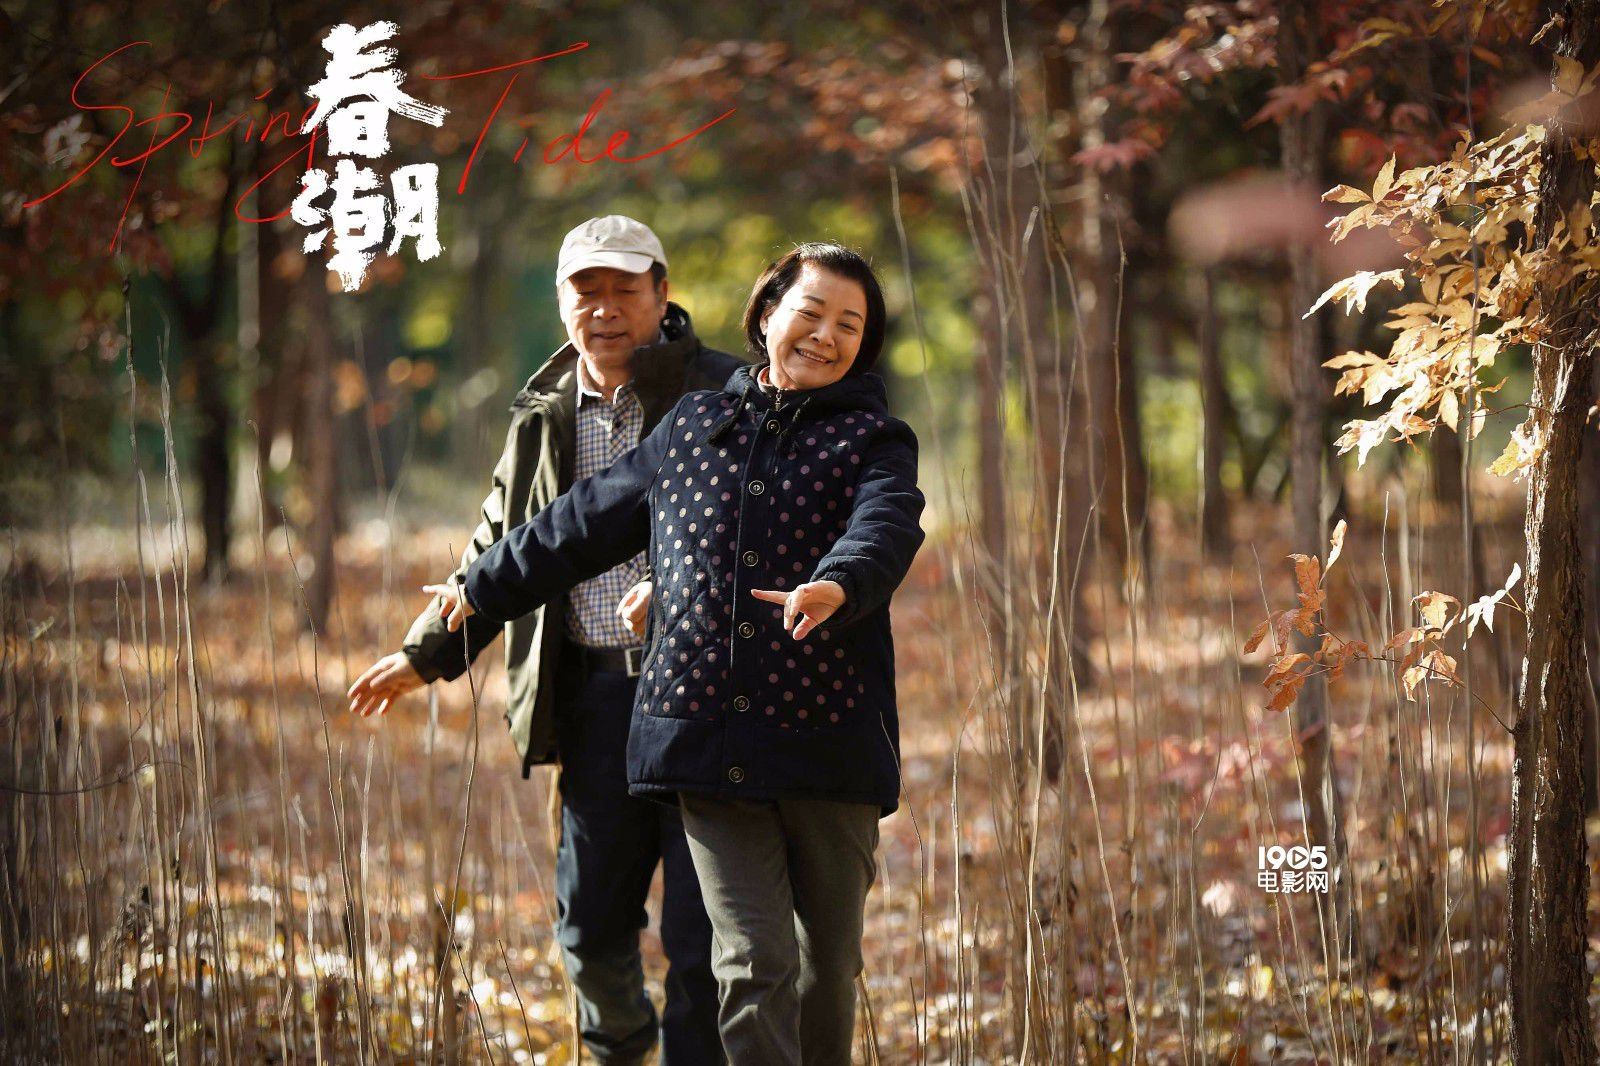 郝蕾携新片《春潮》亮相上影节 剖析原生家庭